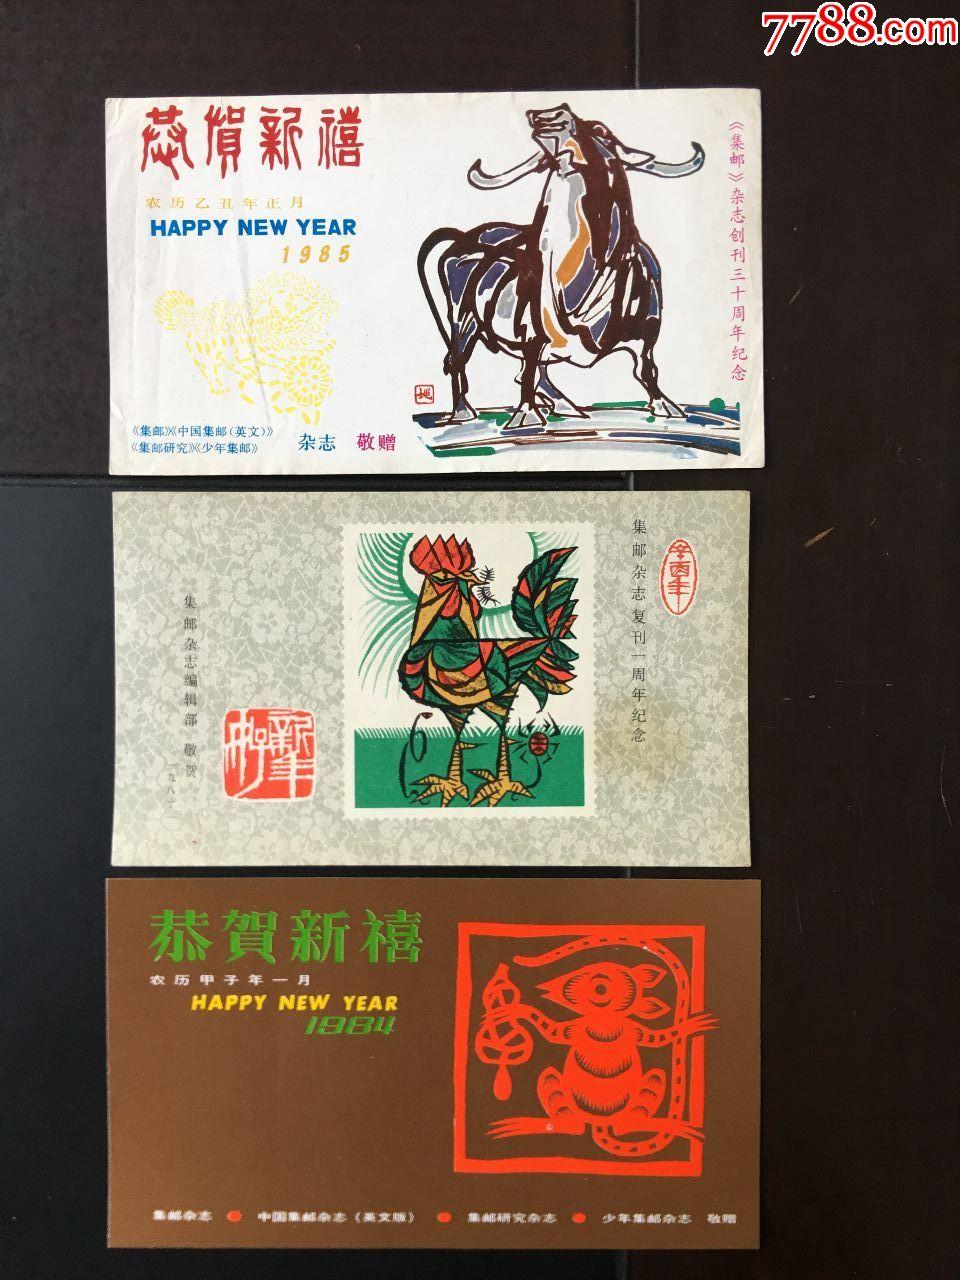 80年代集邮杂志夹寄生肖片10枚(鼠,牛,鸡,猪,狗)_价格35元【不三不四